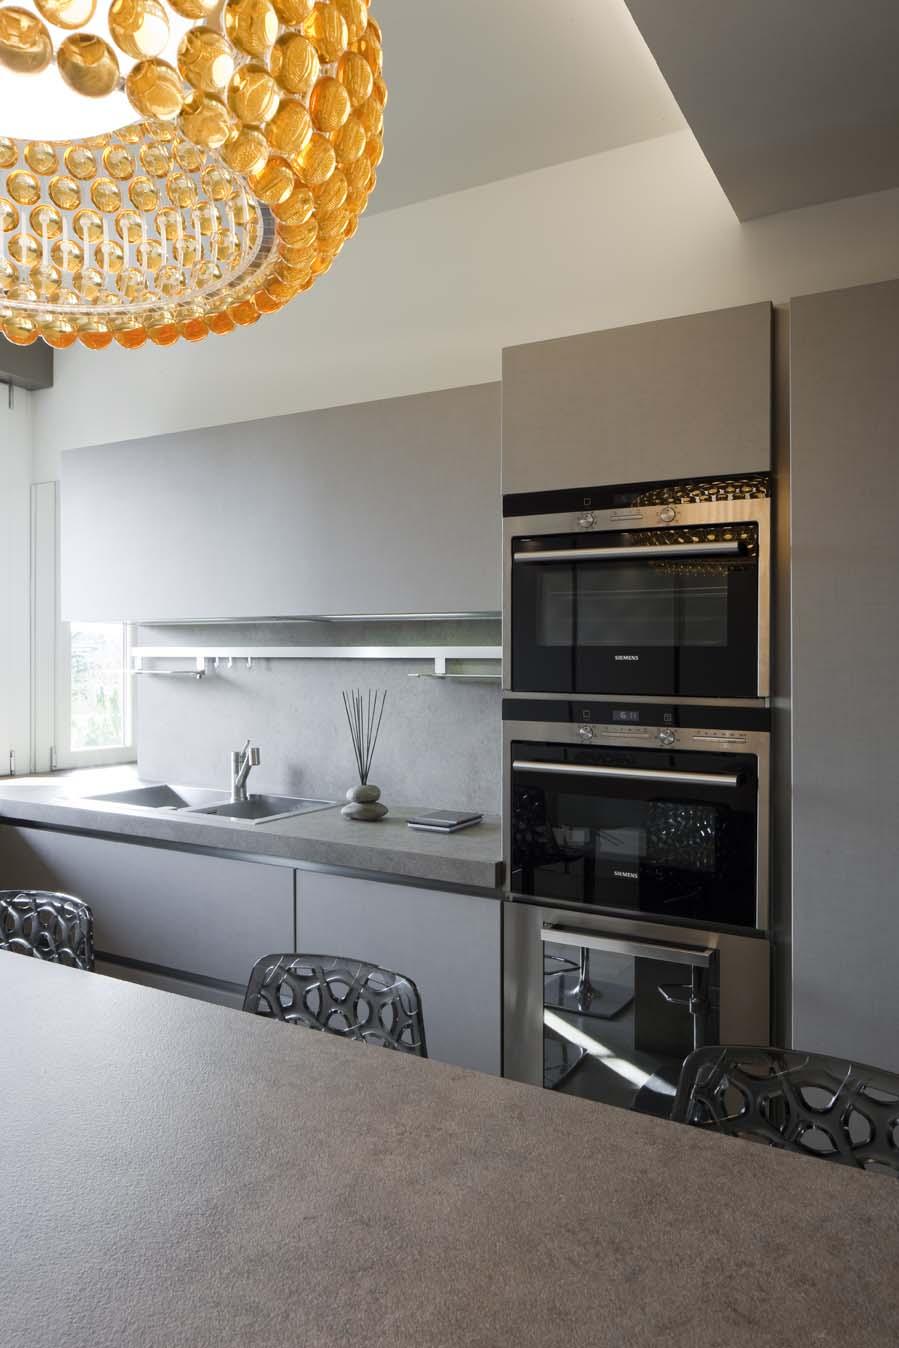 Proyectos cocinas valencia proyecto cocina moderna for Proyectos de cocina easy